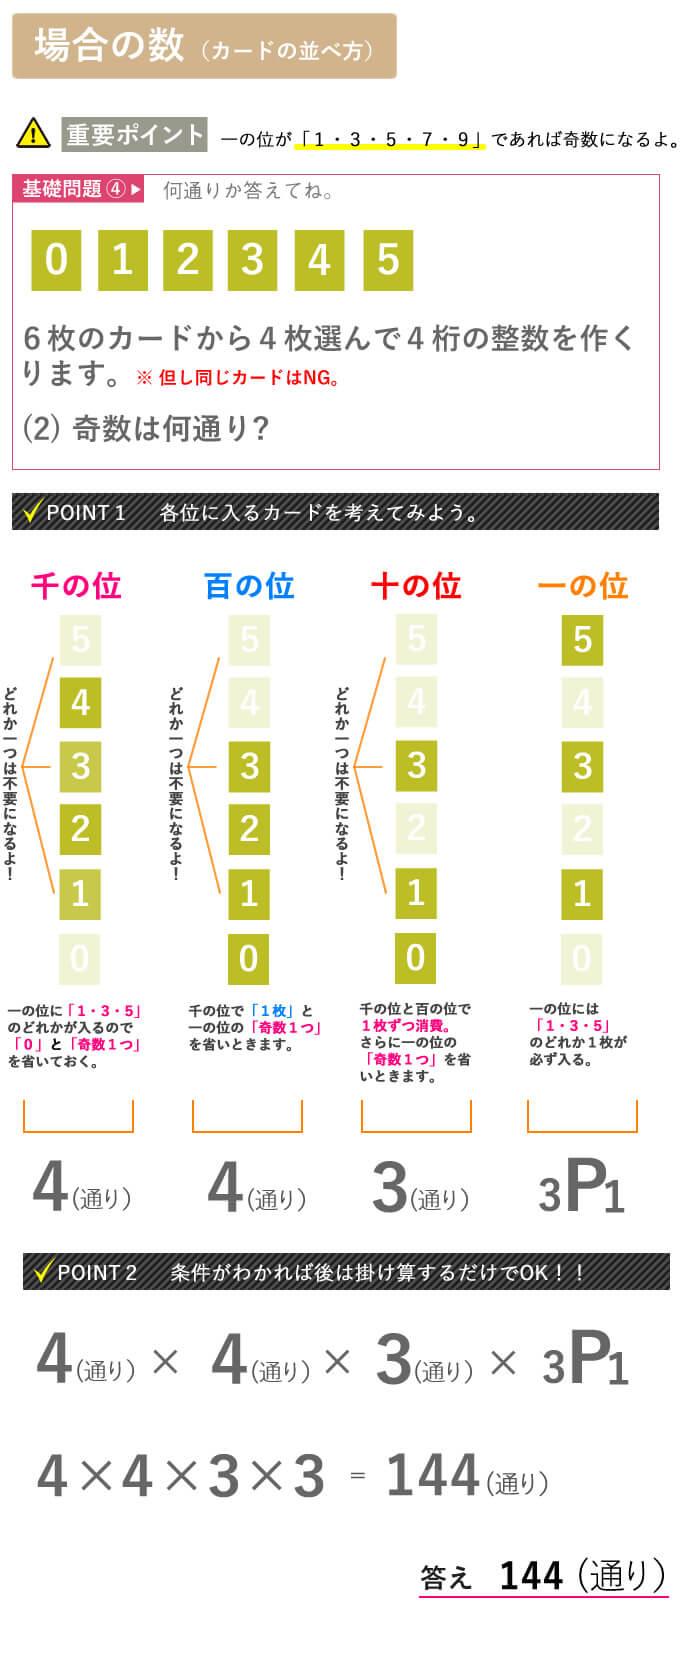 看護予備校大阪KAZアカデミーの場合の数、【場合の数 ケタの並べ方 その2】画像